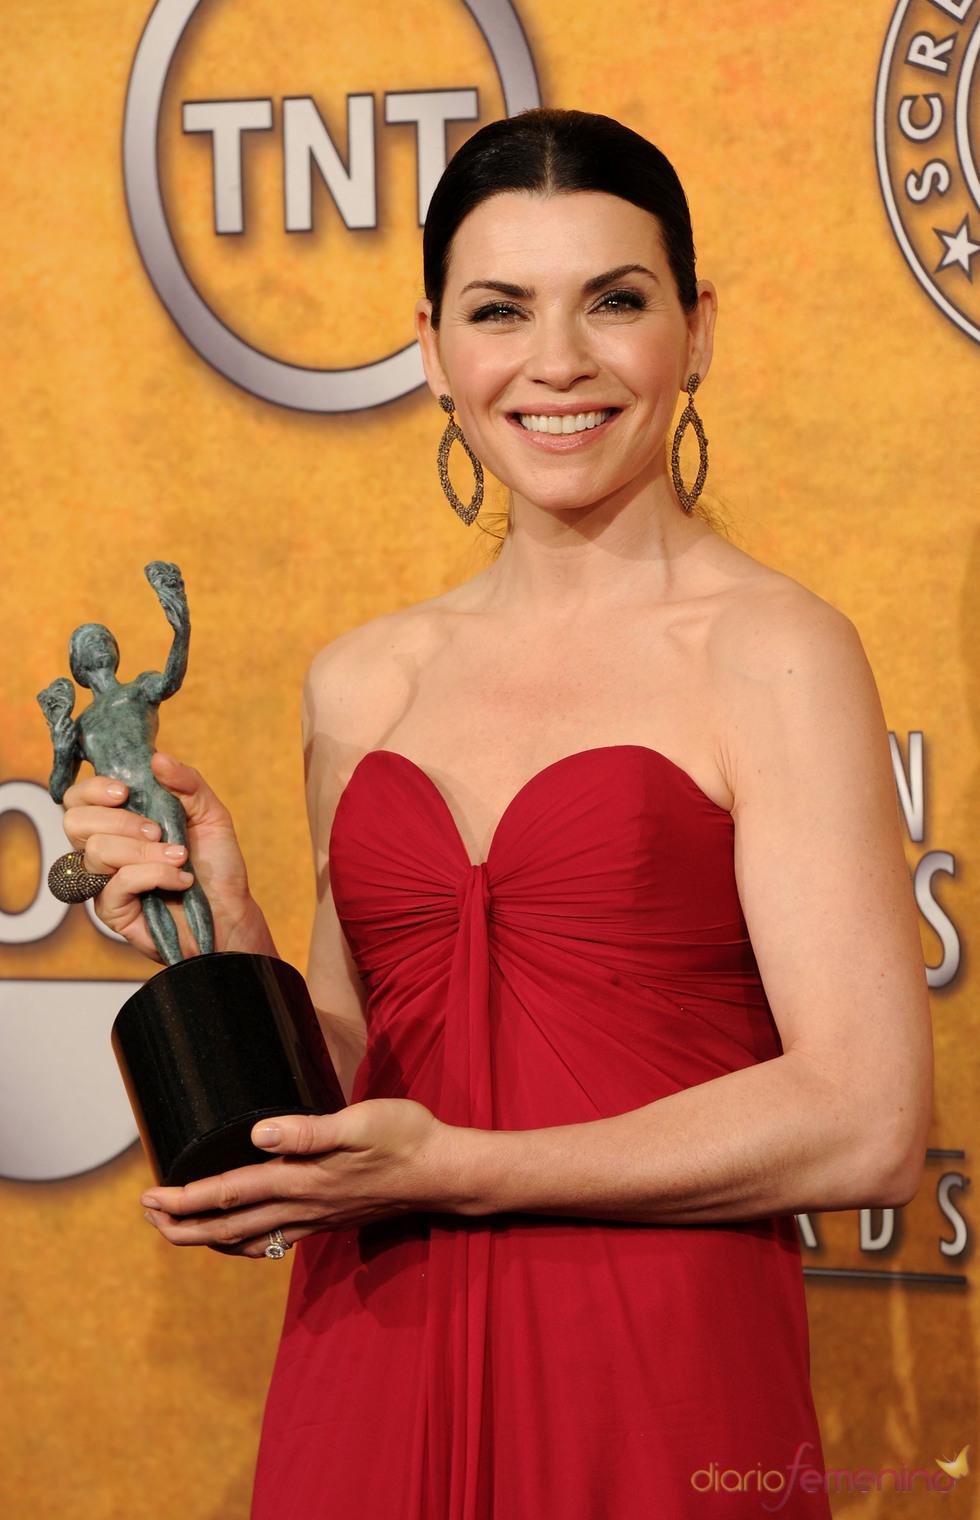 Julianna Margulies, premio a Mejor actriz de TV del Sindicato de Actores de EEUU por 'The good wife'